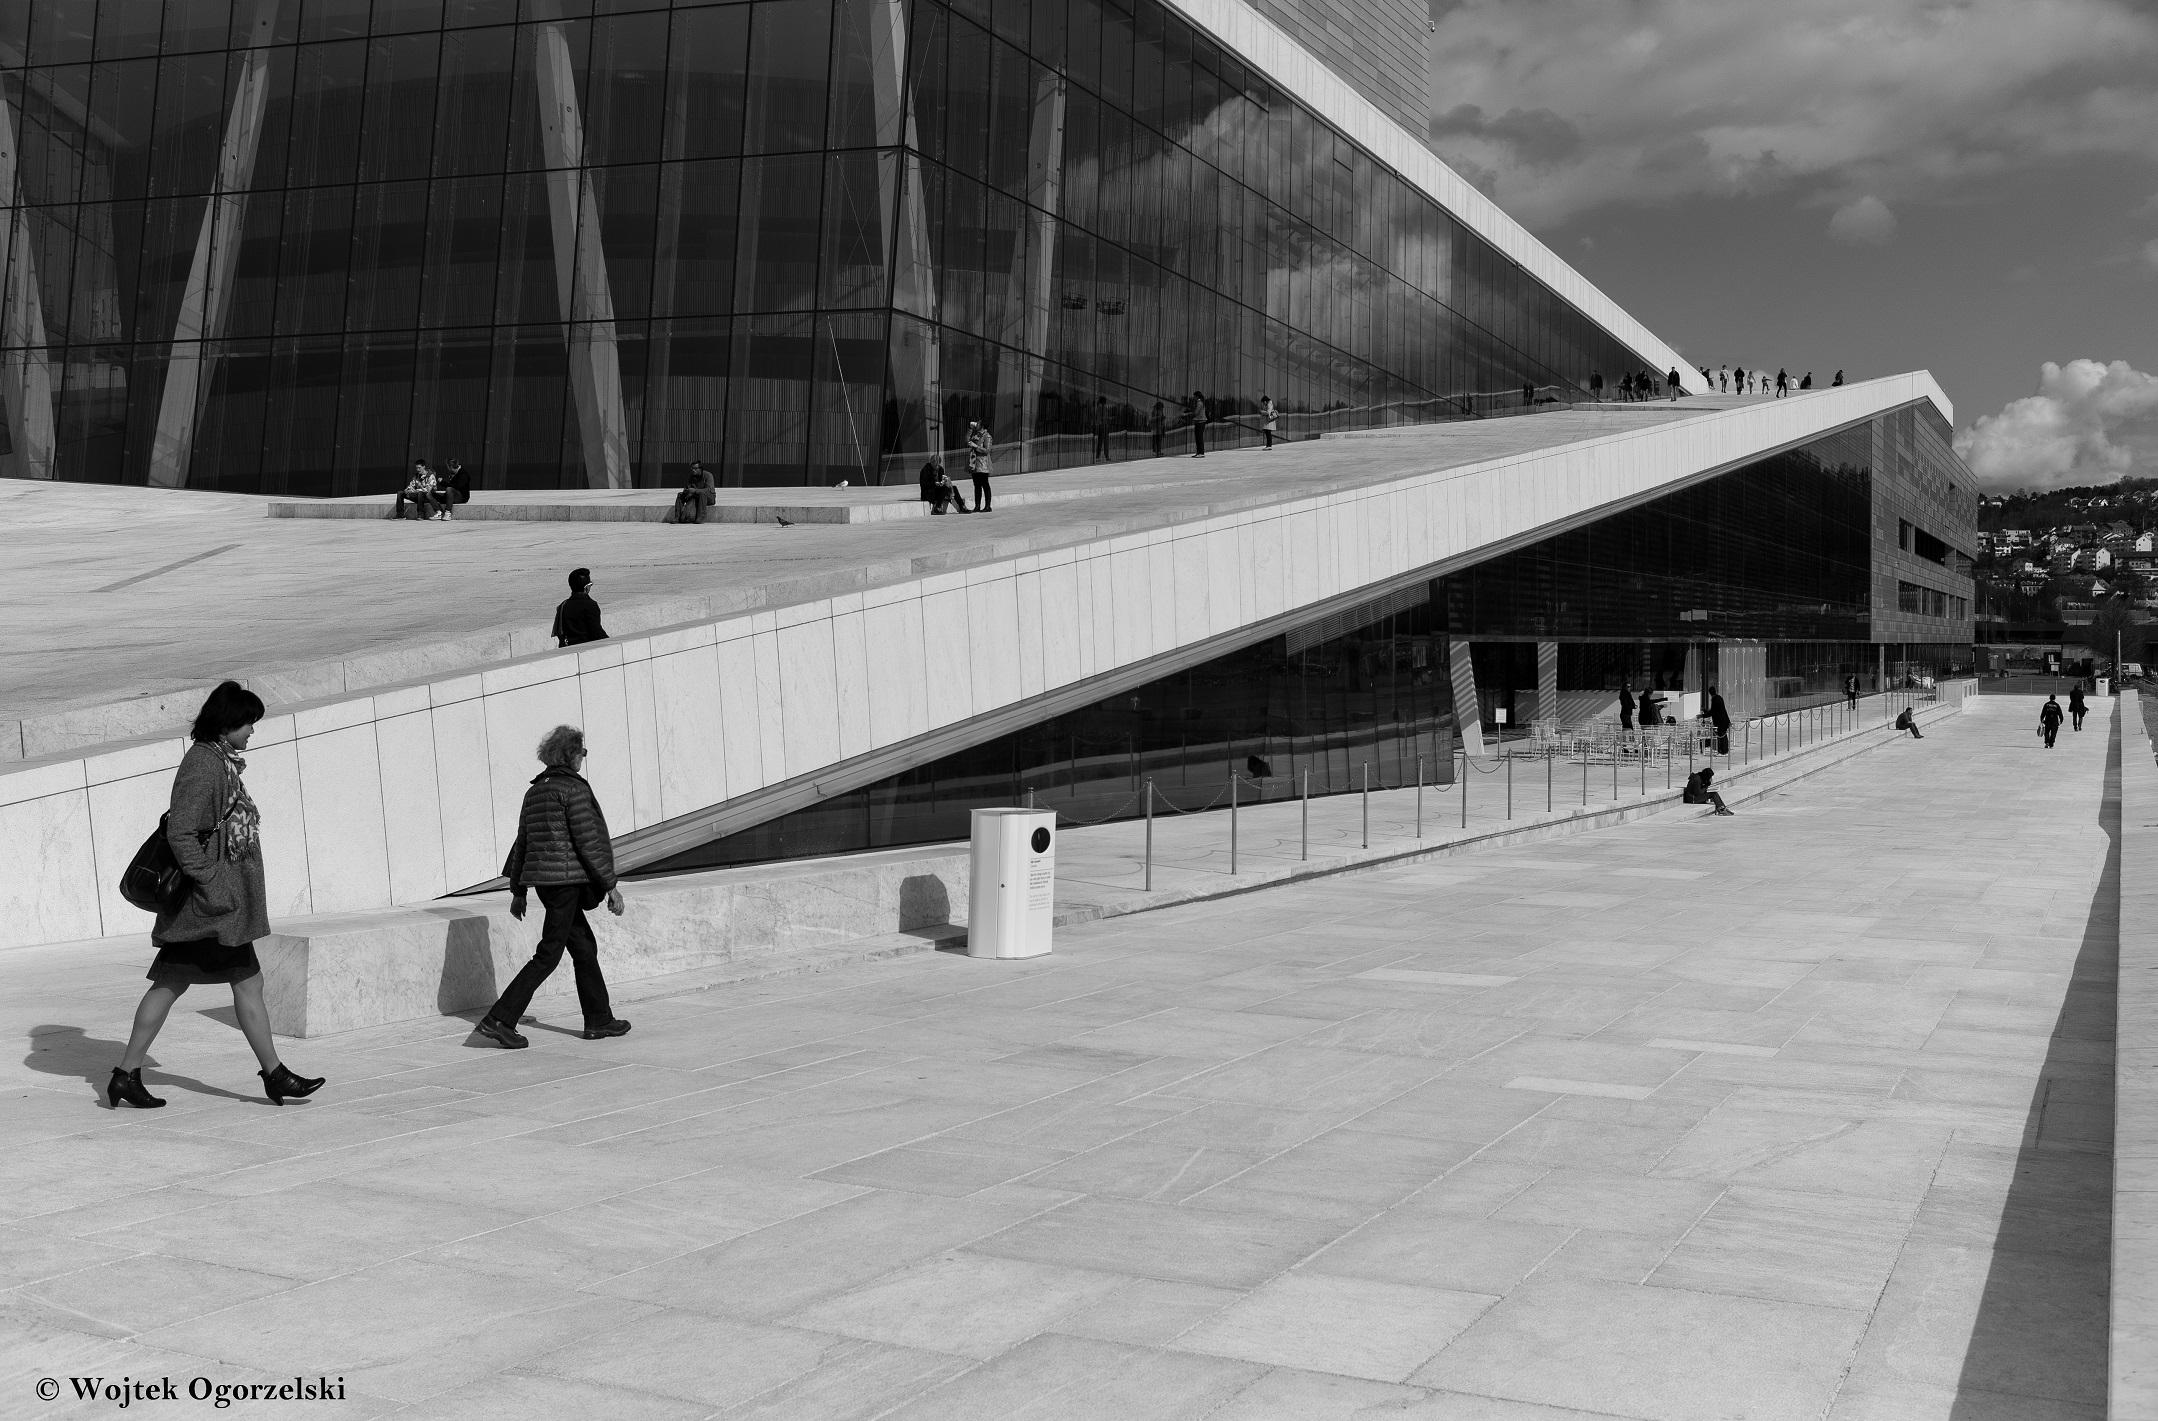 """© Oslo, Norway Opera House. Black & White. Photographer Wojtek Ogorzelski. Photography World article, """"ORGANIC ARCHITECTURE: European Photographer Wojtek Ogorzelski- Norway, Poland & Portugal"""" photographyworld.org"""